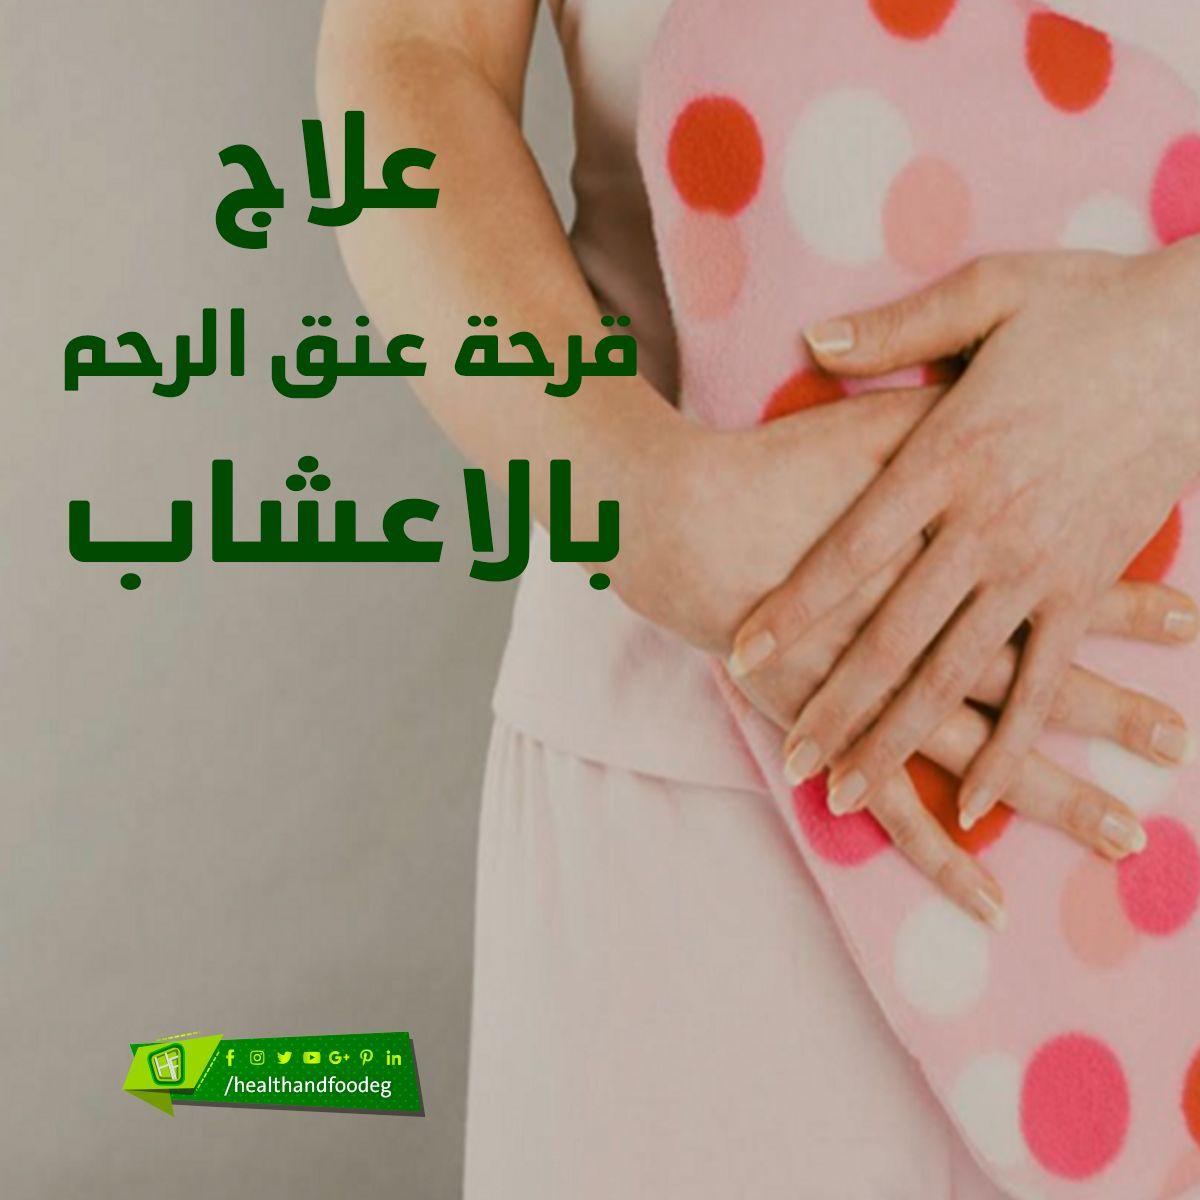 من الأمور التى يجب تجنبها عند التأكد من الإصابة ببطانة الرحم المهاجرة عمل الأشعة بالصبغة على الجهاز التناسلى وذلك لان مرض بطانة الرح Infertility Memes Hospital